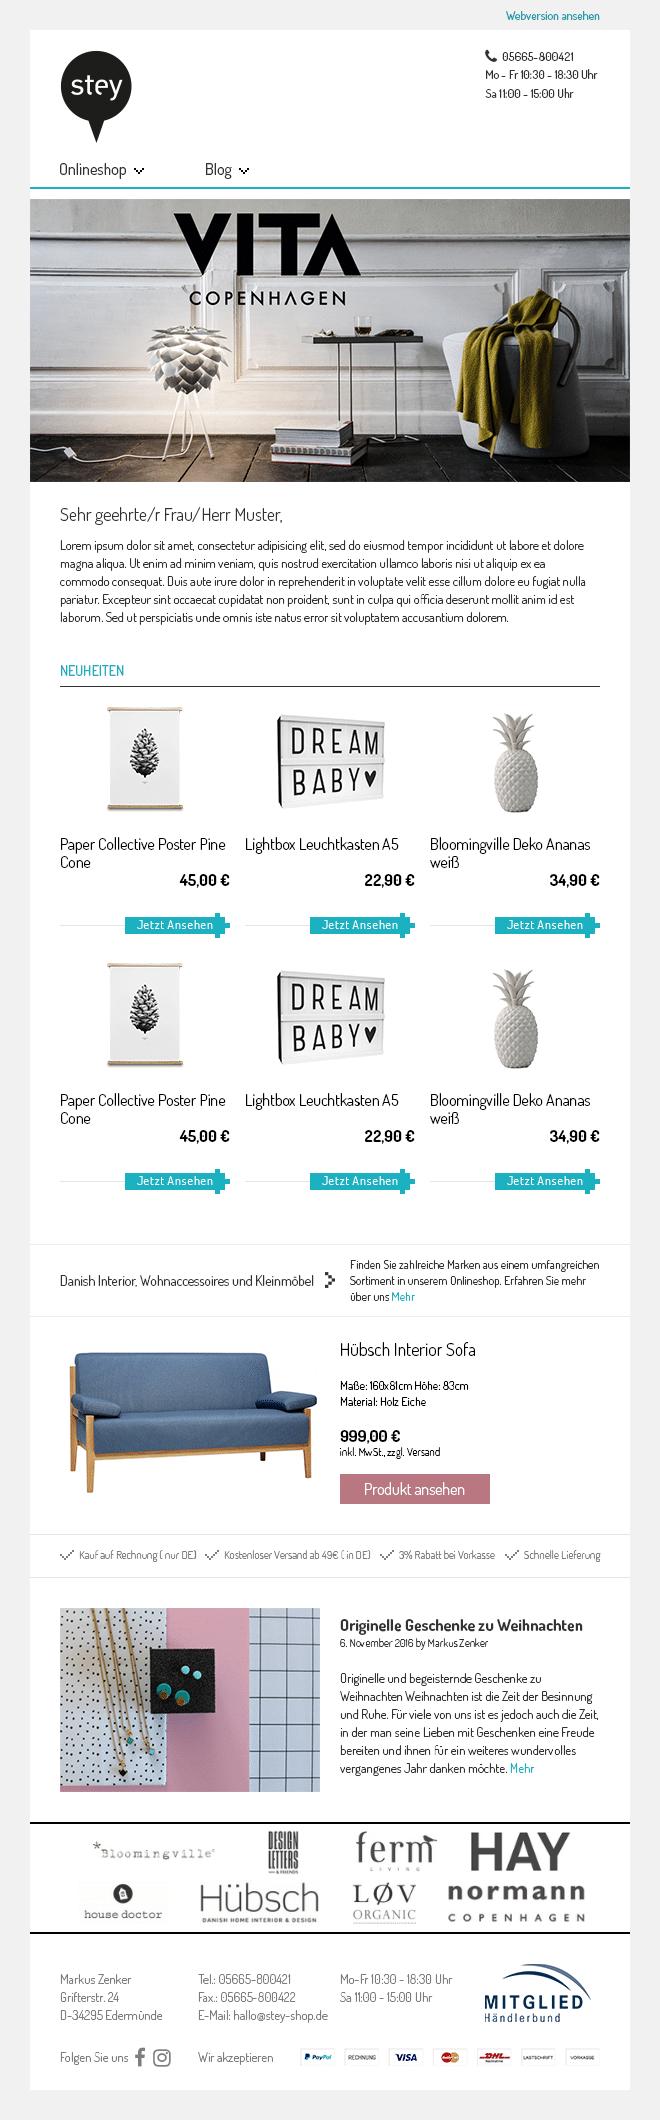 de 40 beste nieuwsbrief voorbeelden newsletter2go. Black Bedroom Furniture Sets. Home Design Ideas